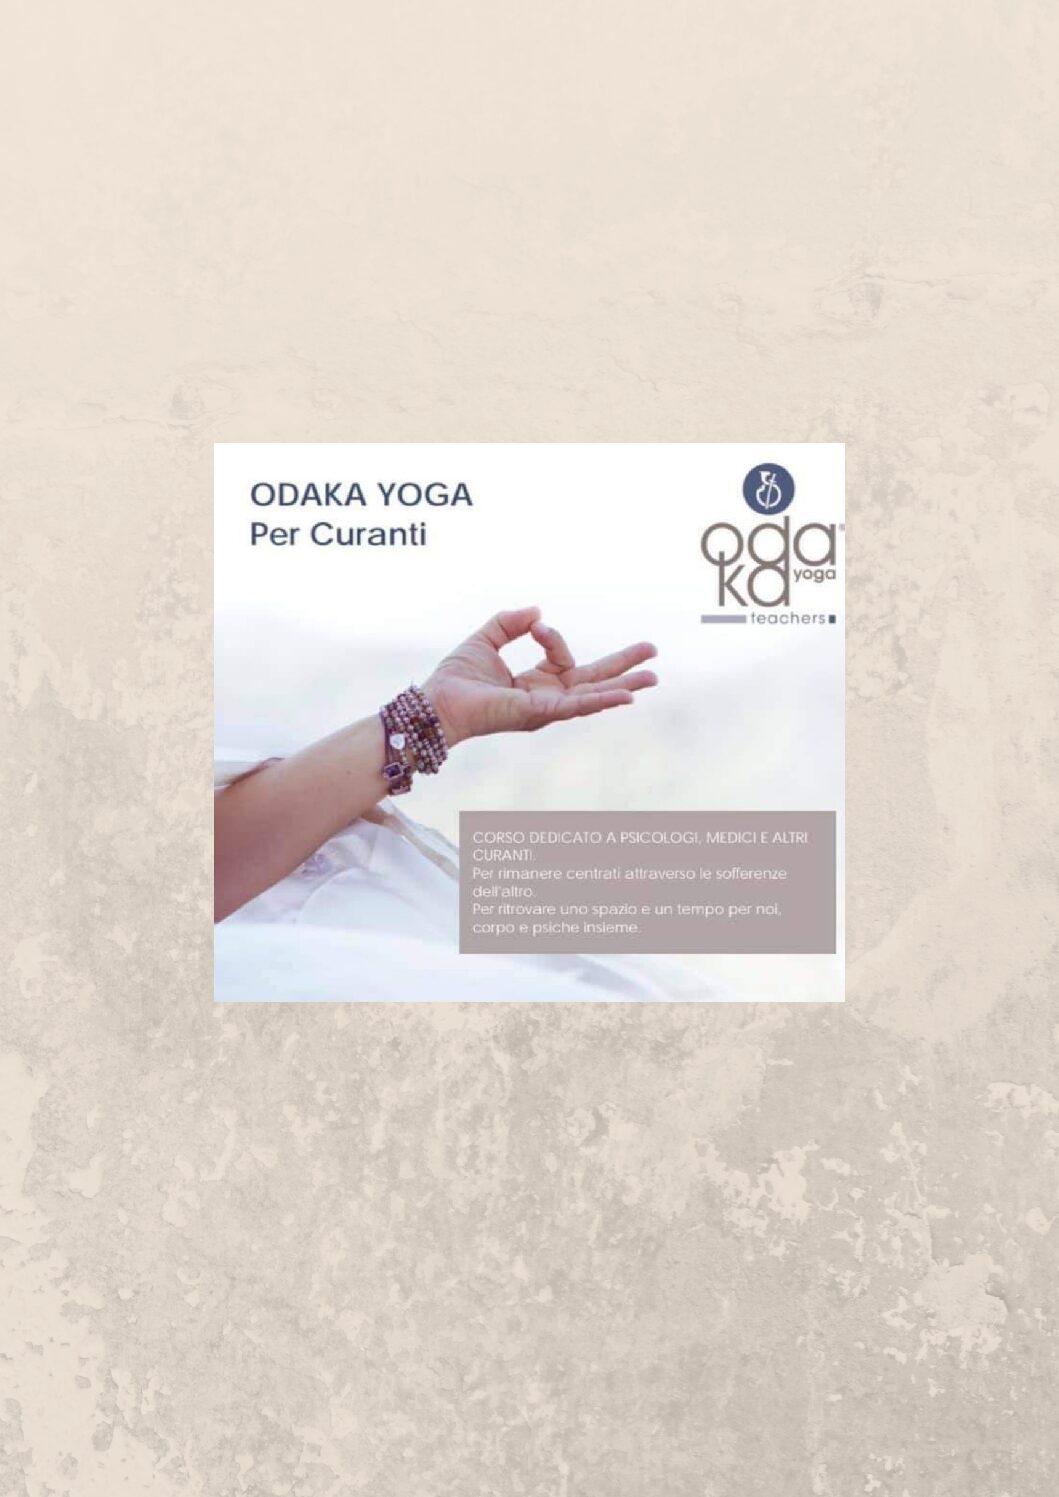 Okada Yoga per Curanti